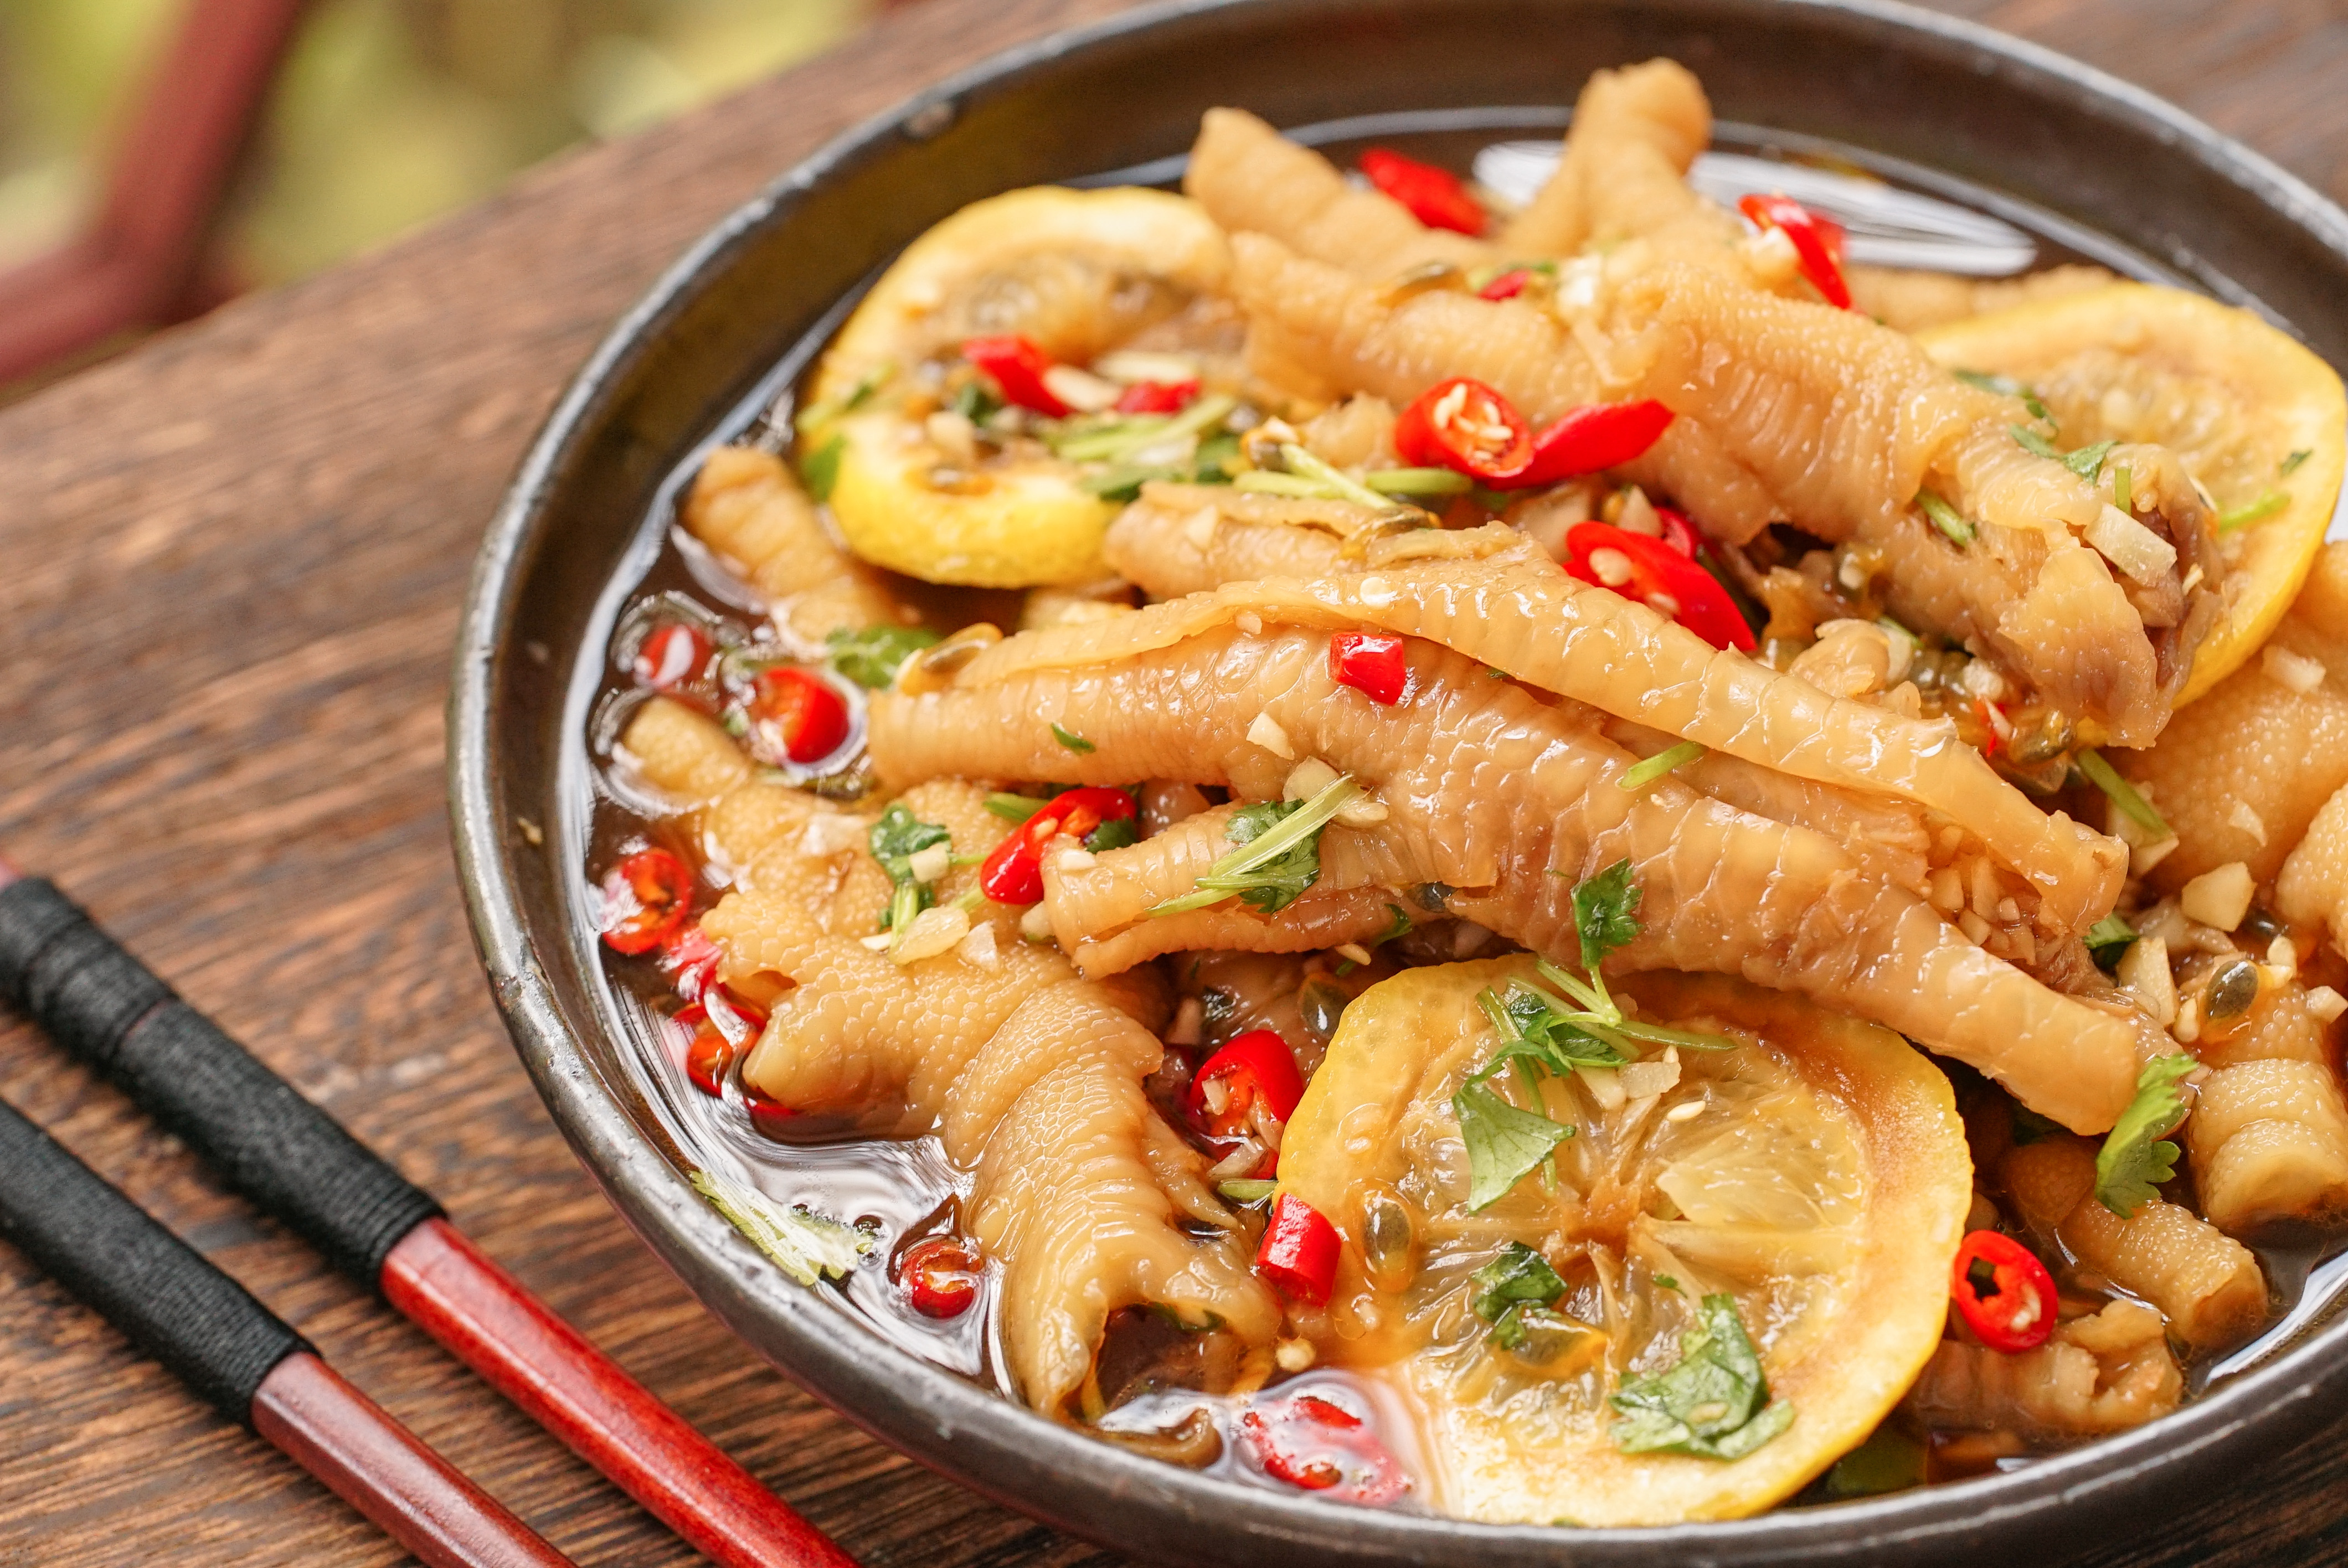 菜谱记 酸辣无骨凤爪的美食_做法_豆果日食吃鸭蛋可以清火吗图片